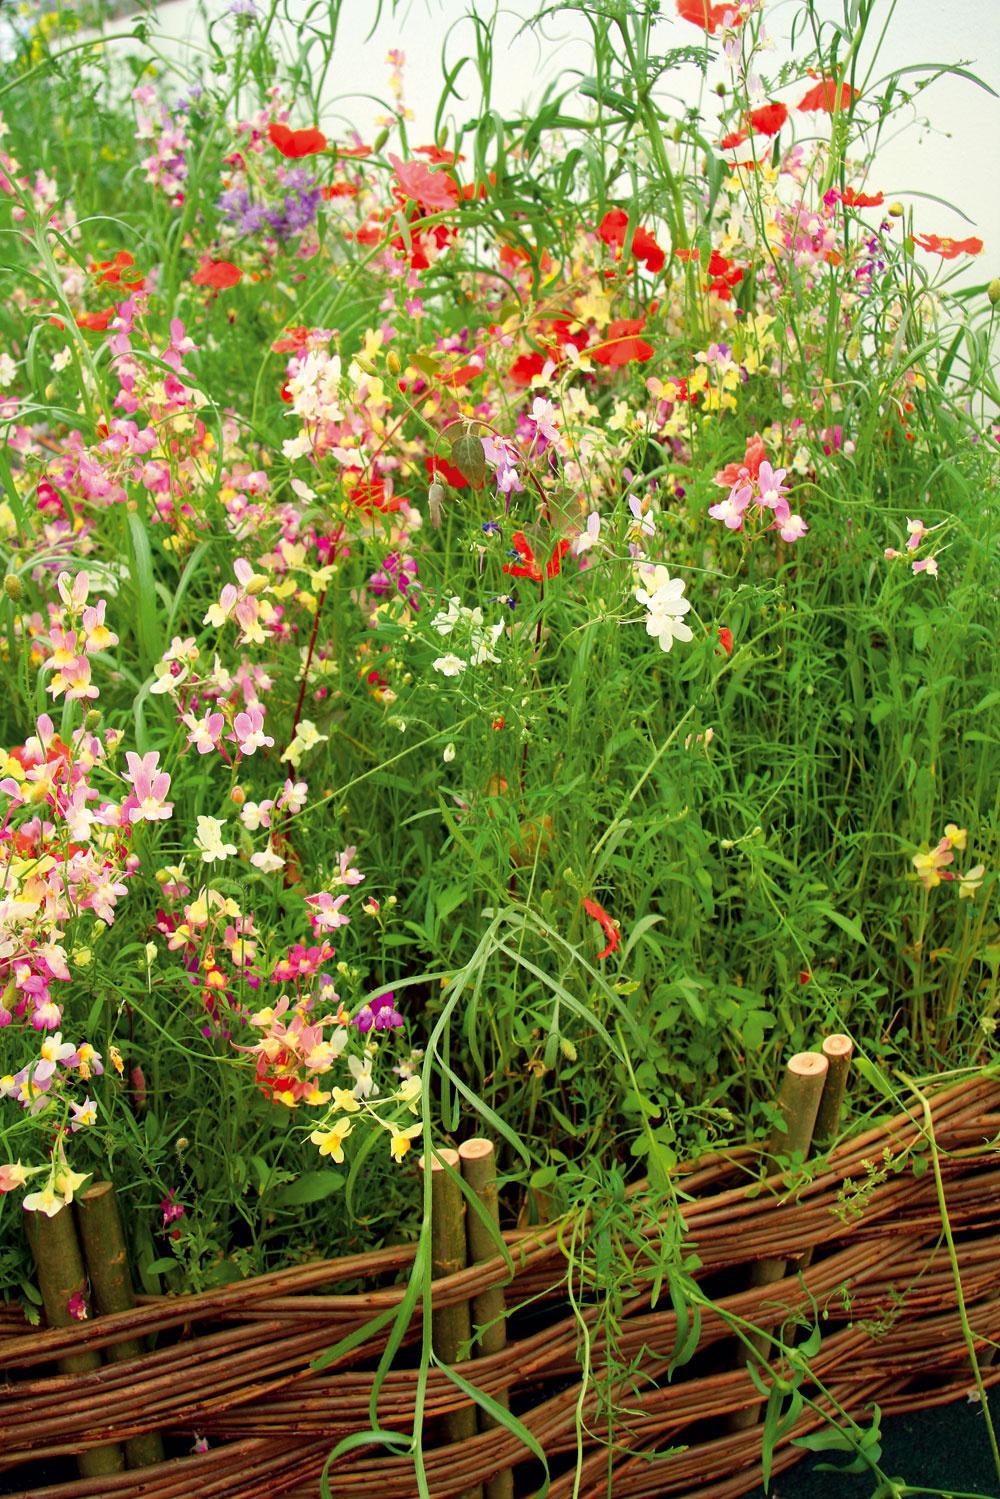 Ekologická divočinka Na všetkých podujatiach týkajúcich sa záhradného dizajnu sa to len tak hemží ekologickými konceptmi ariešeniami. Faktom je, že záhrada vprírodnom duchu je balzamom na dušu , najmä dušu mestského človeka, stresovaného každodenným zhonom arýchlym životným štýlom. Nehovoriac otom, že takáto záhrada je podstatne menej náročná na údržbu. To sa týka úžitkovej aj okrasnej časti.